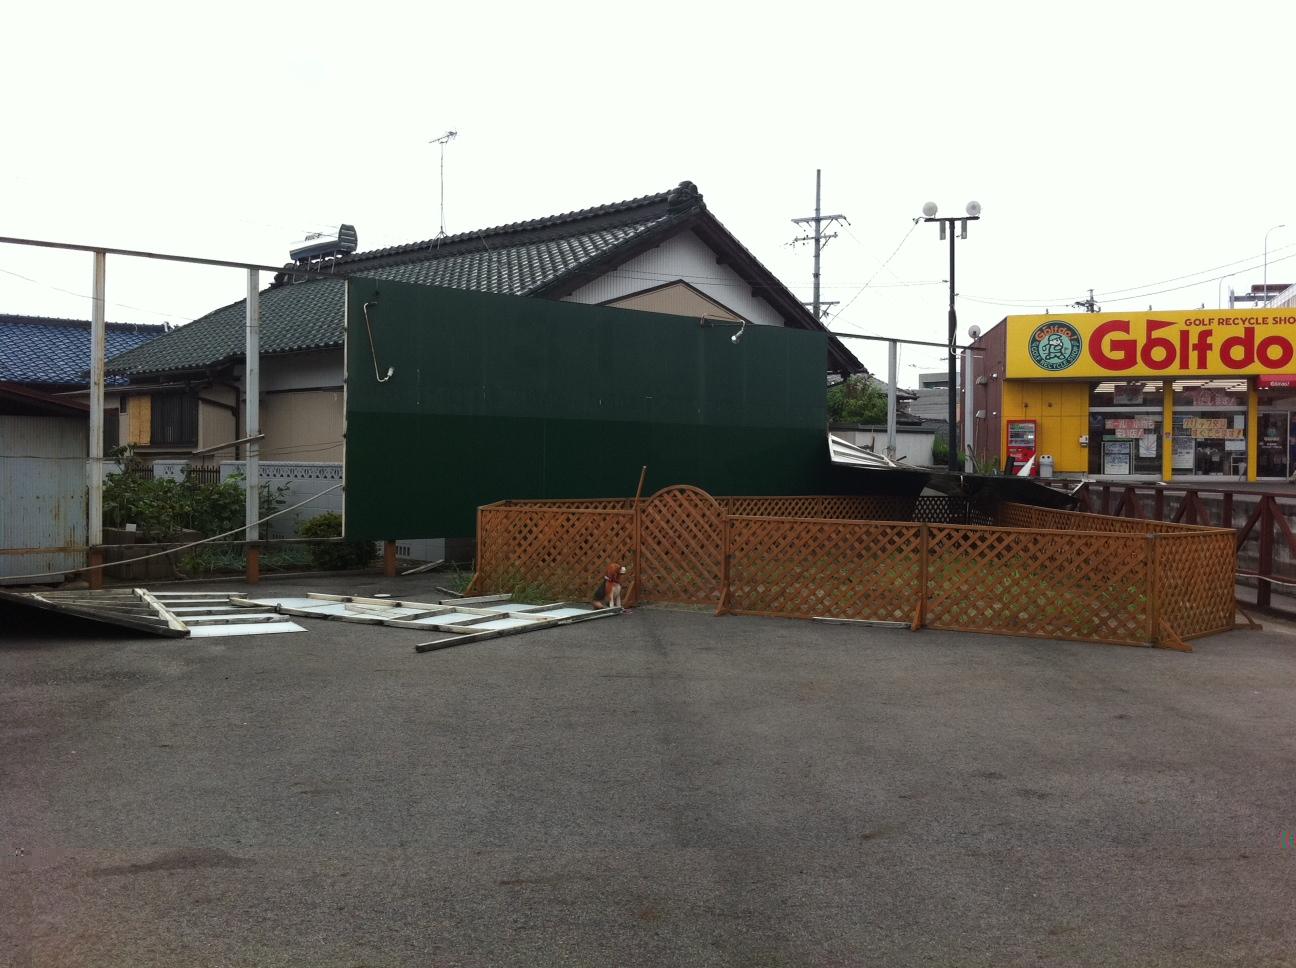 http://www.vantech.jp/shops/aichi/%20%E7%9C%8B%E6%9D%BFjpg